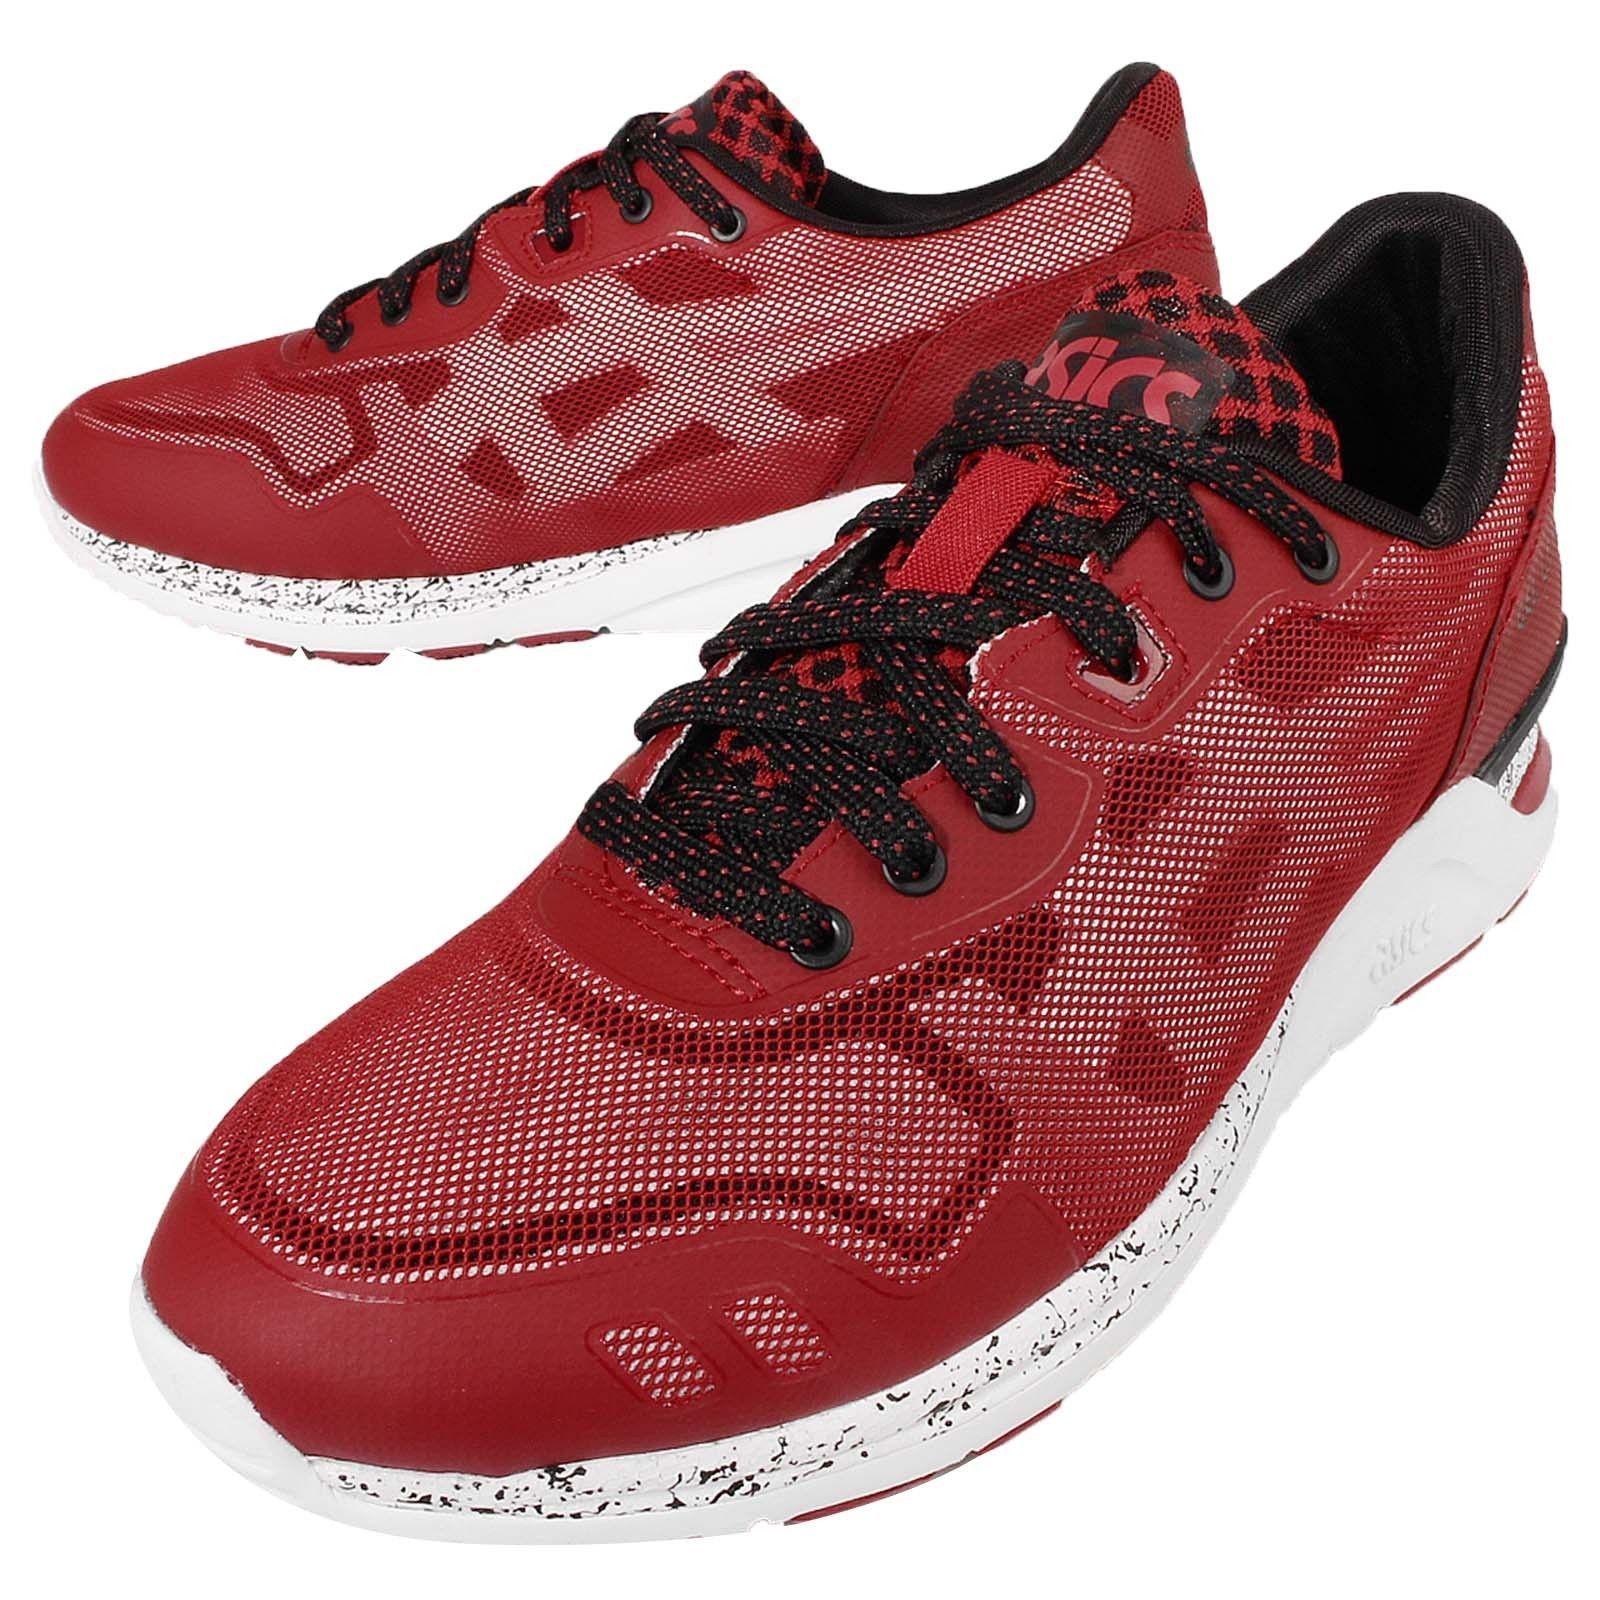 4b806354ad23 Asics H641N 2501 GEL-Lyte Evo NT Retro Red White Men s Running Shoe ...